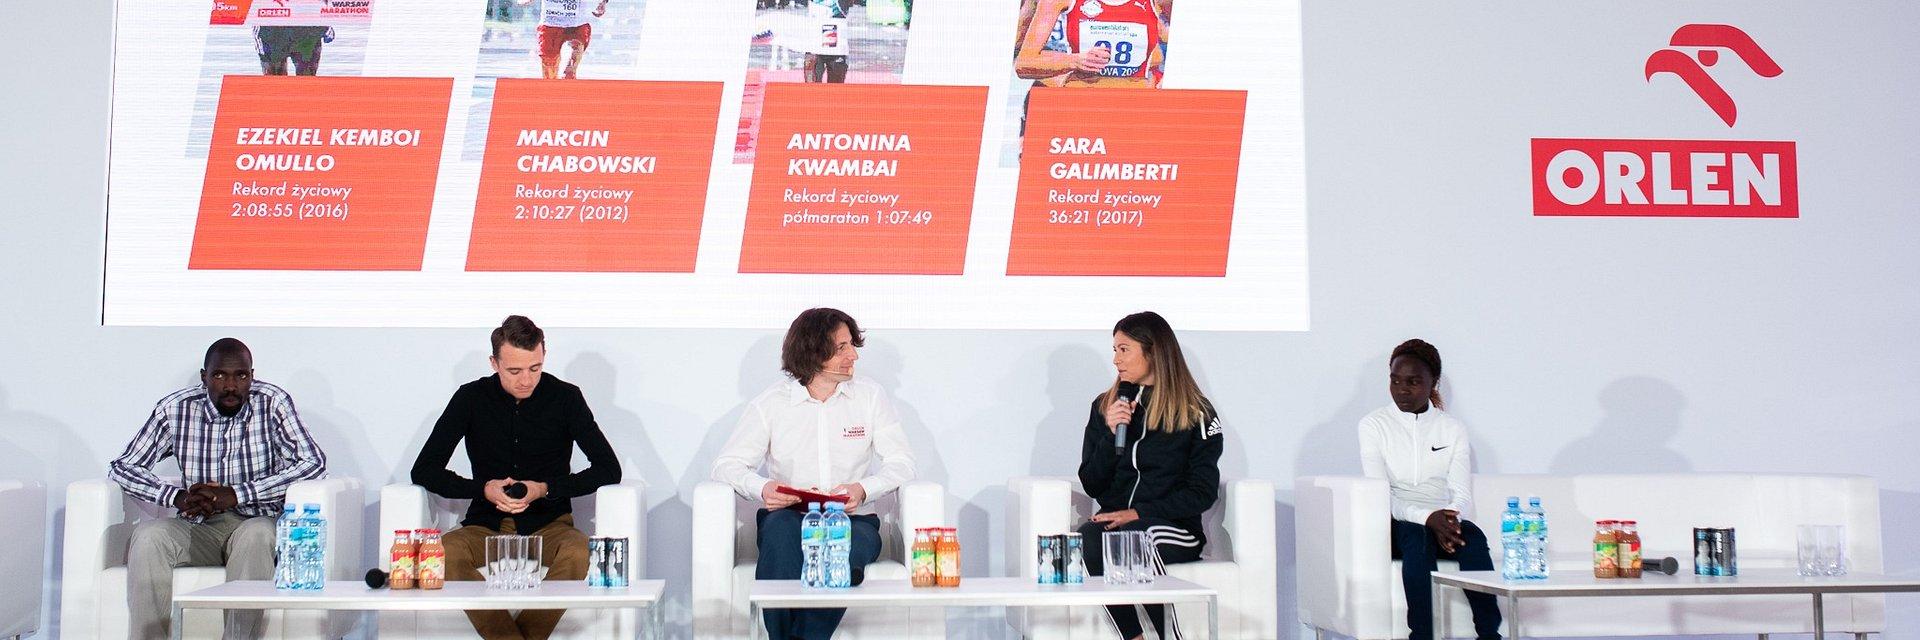 Konferencja ORLEN Warsaw Marathon 2019